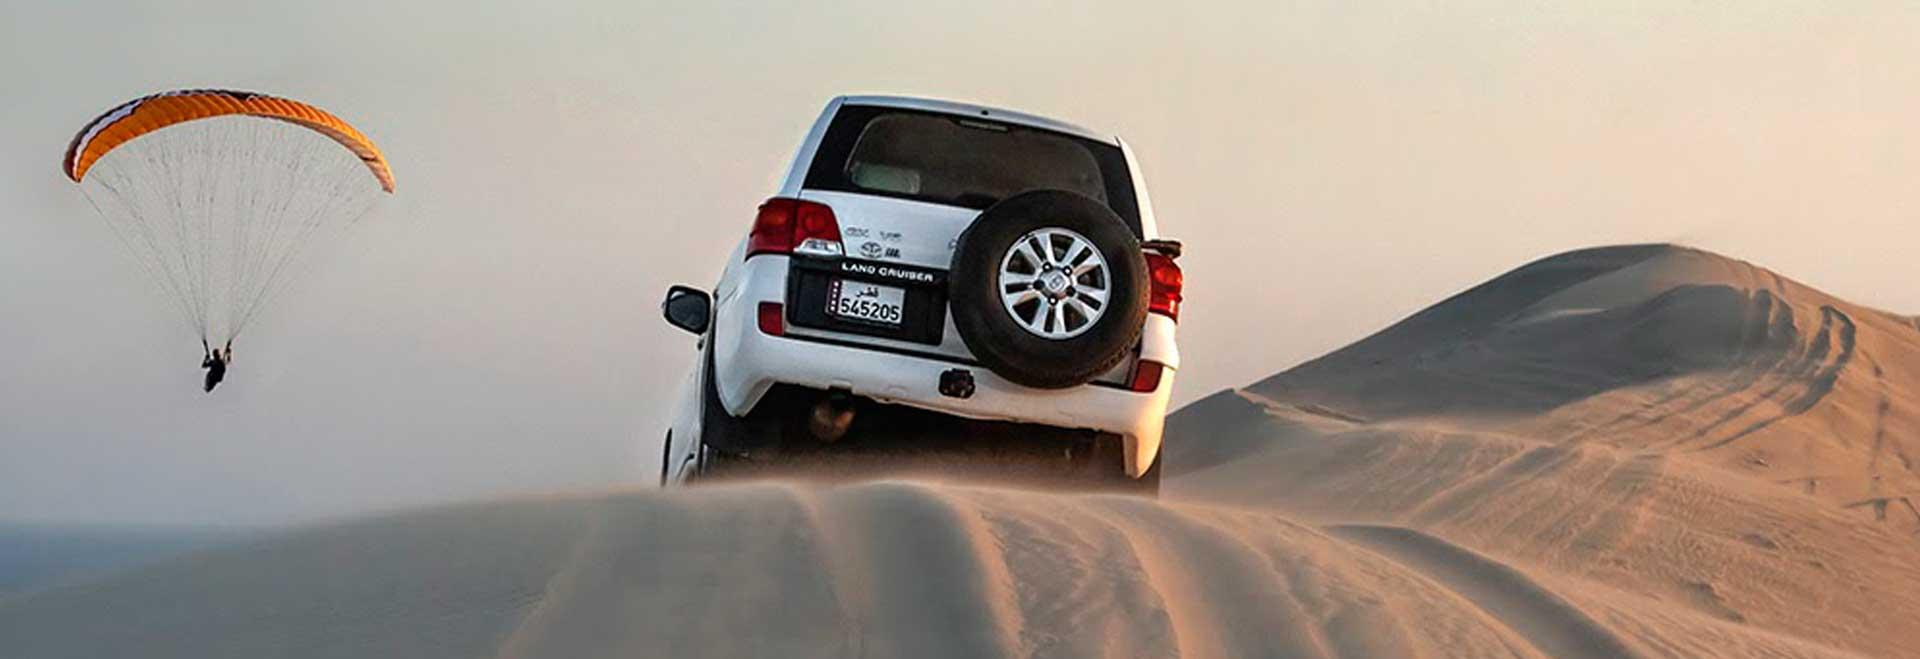 5D4N Qatar Experience